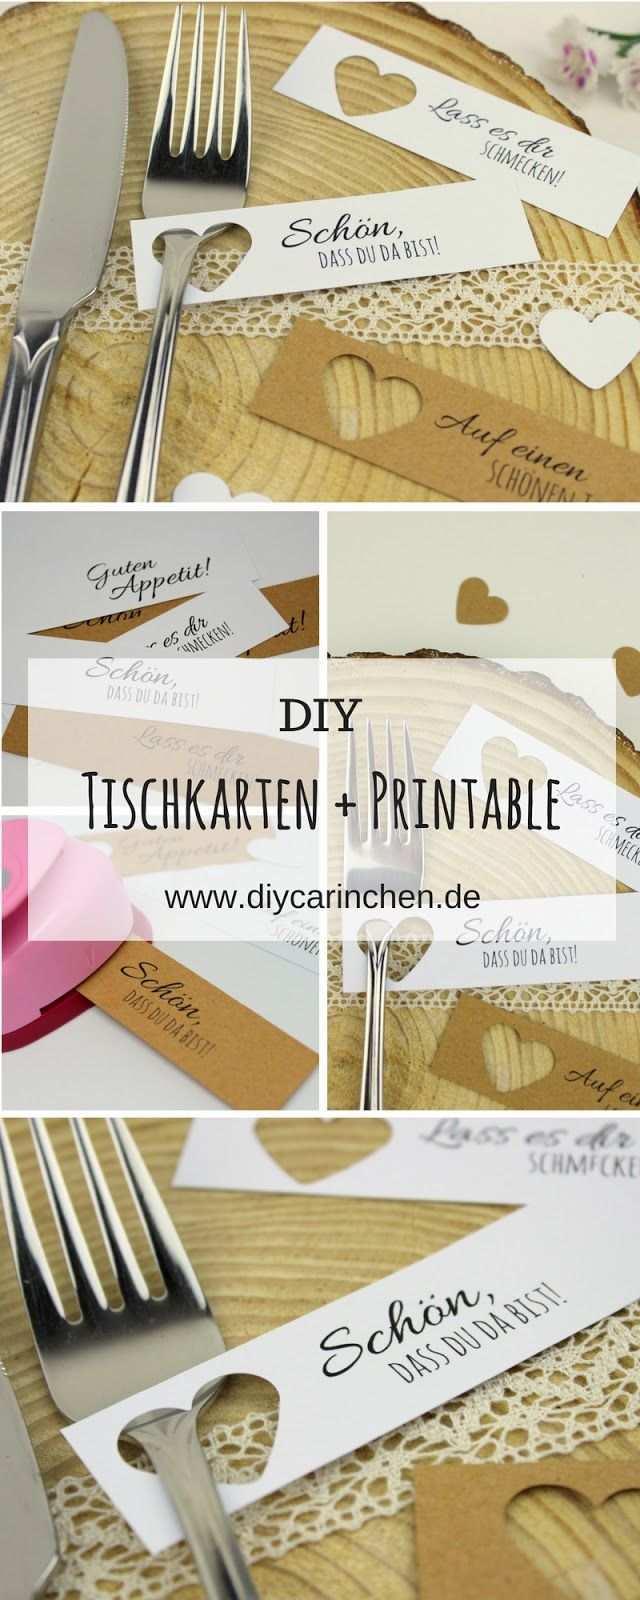 Diy Tischkarten Einfach Selber Machen Kostenlose Vorlagen Hochzeit Tischkarten Perfekte Hochzeit Selber Machen